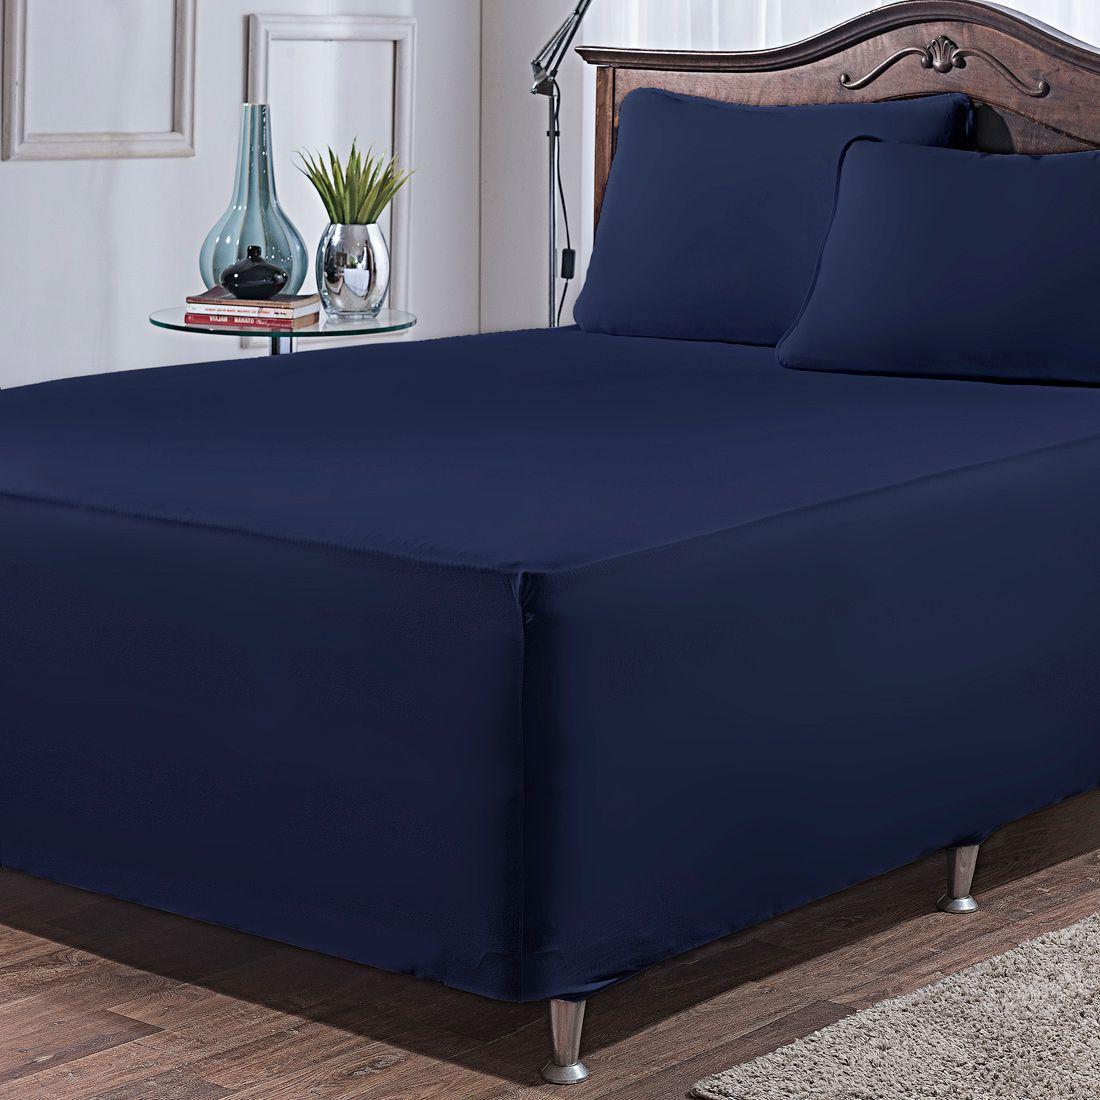 Jogo de Lençol p/ Cama Box Complet Azul Marinho King 03 Peças - Malha 100% Algodão